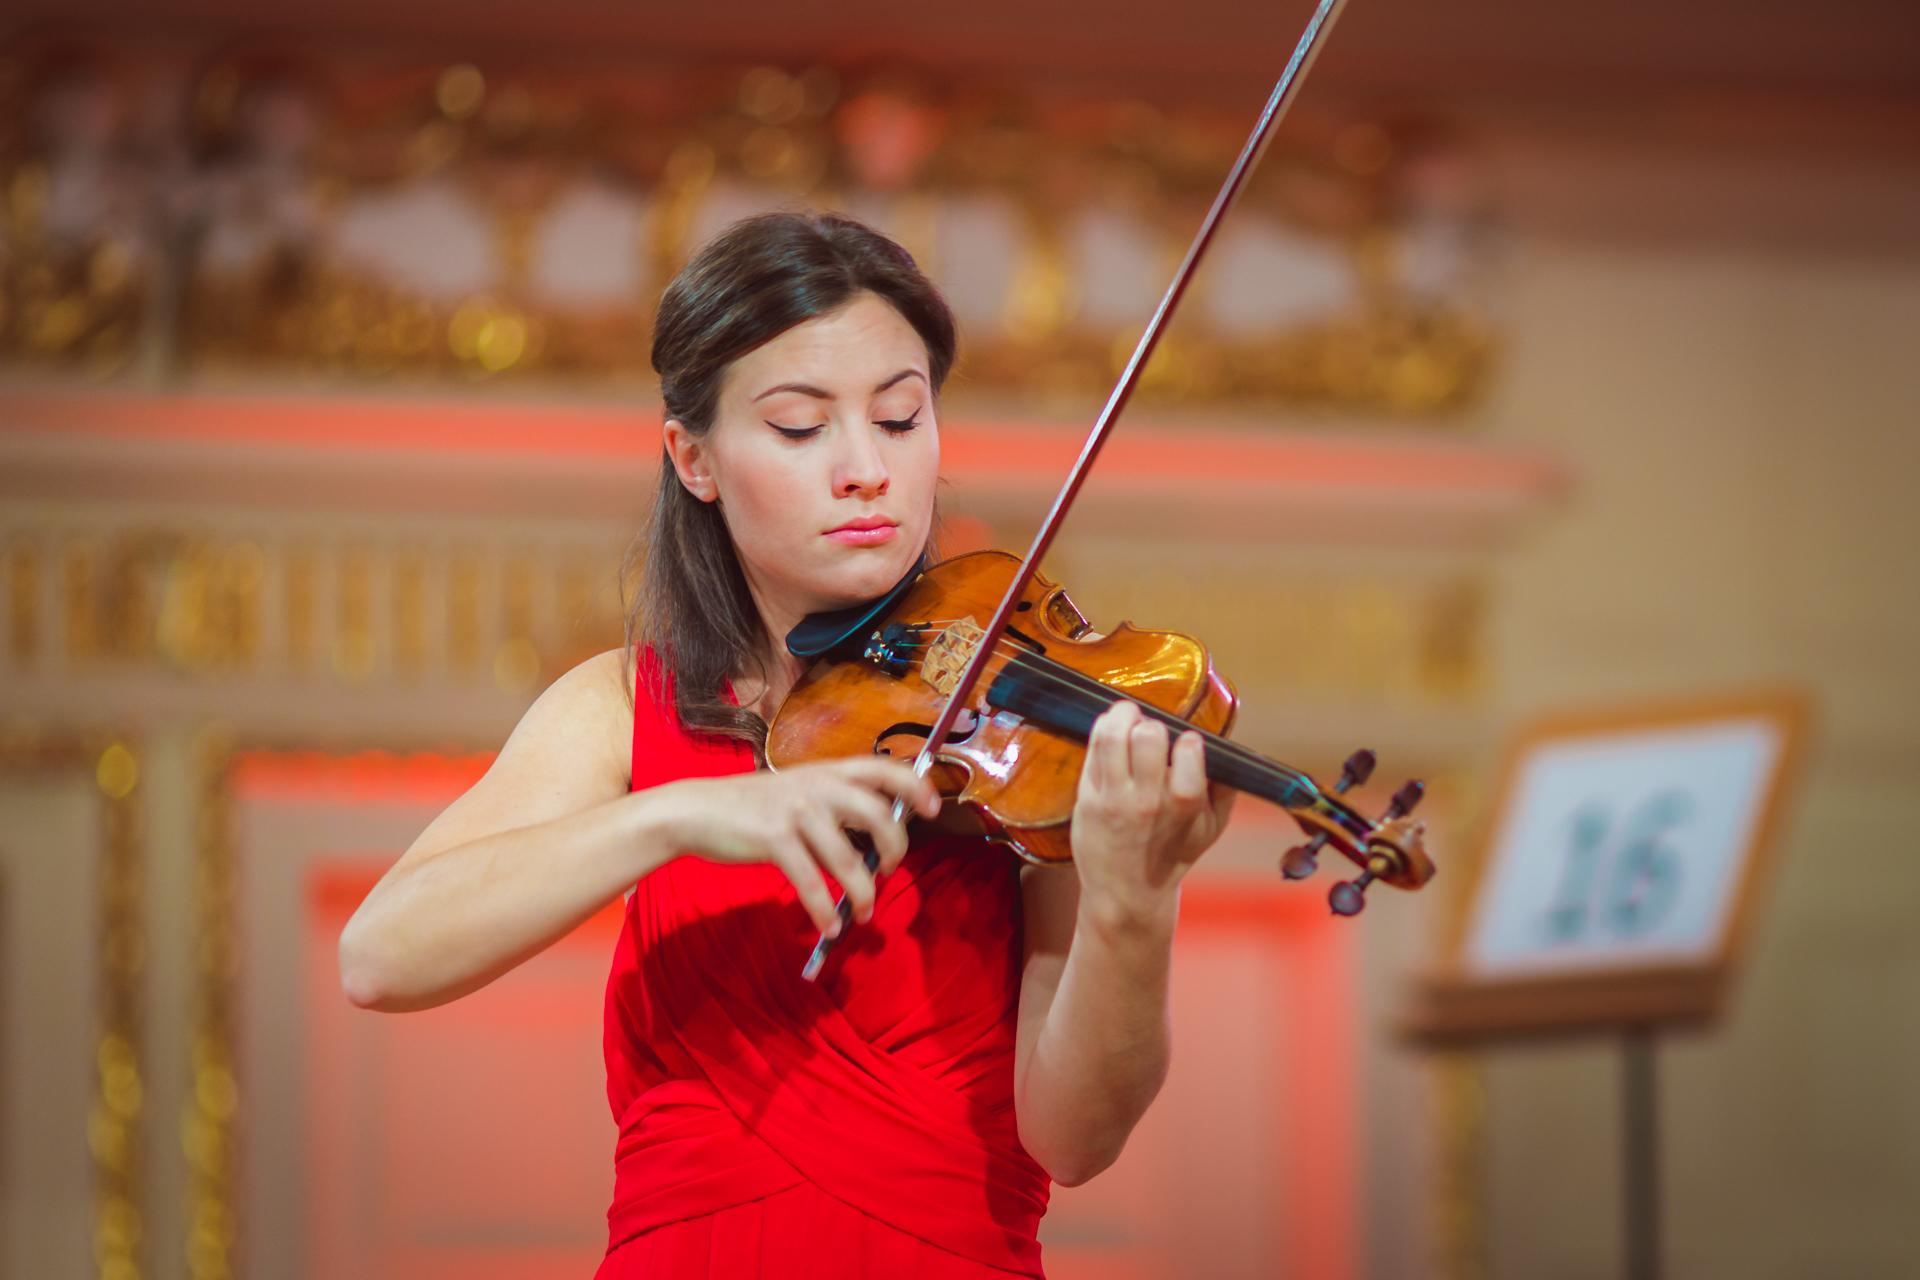 Celina Kotz (Poland) - Stage 1 - 15th International H. Wieniawski Violin Competition STEREO